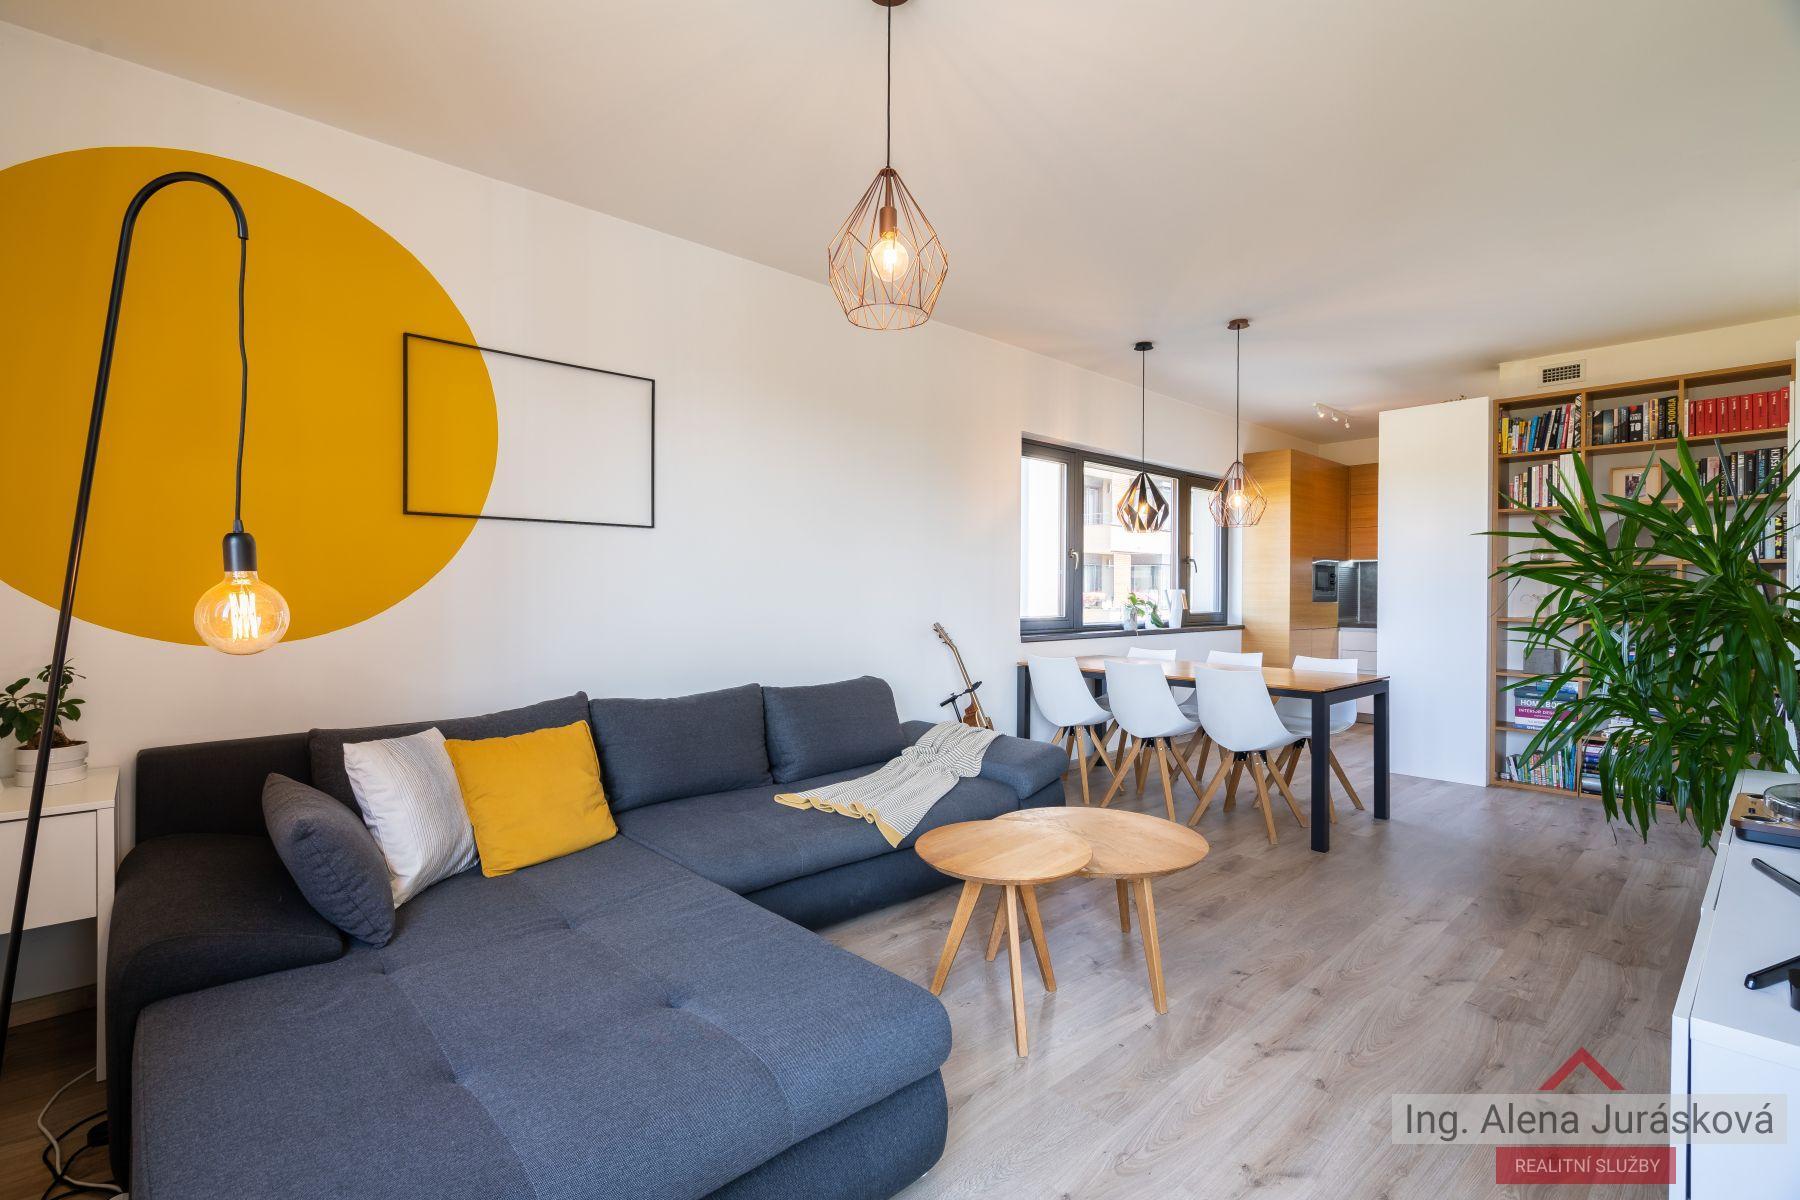 Byt 3+kk, 76 m2, balkon, sklep, garážové stání, Praha 10, Malešice, Marcího